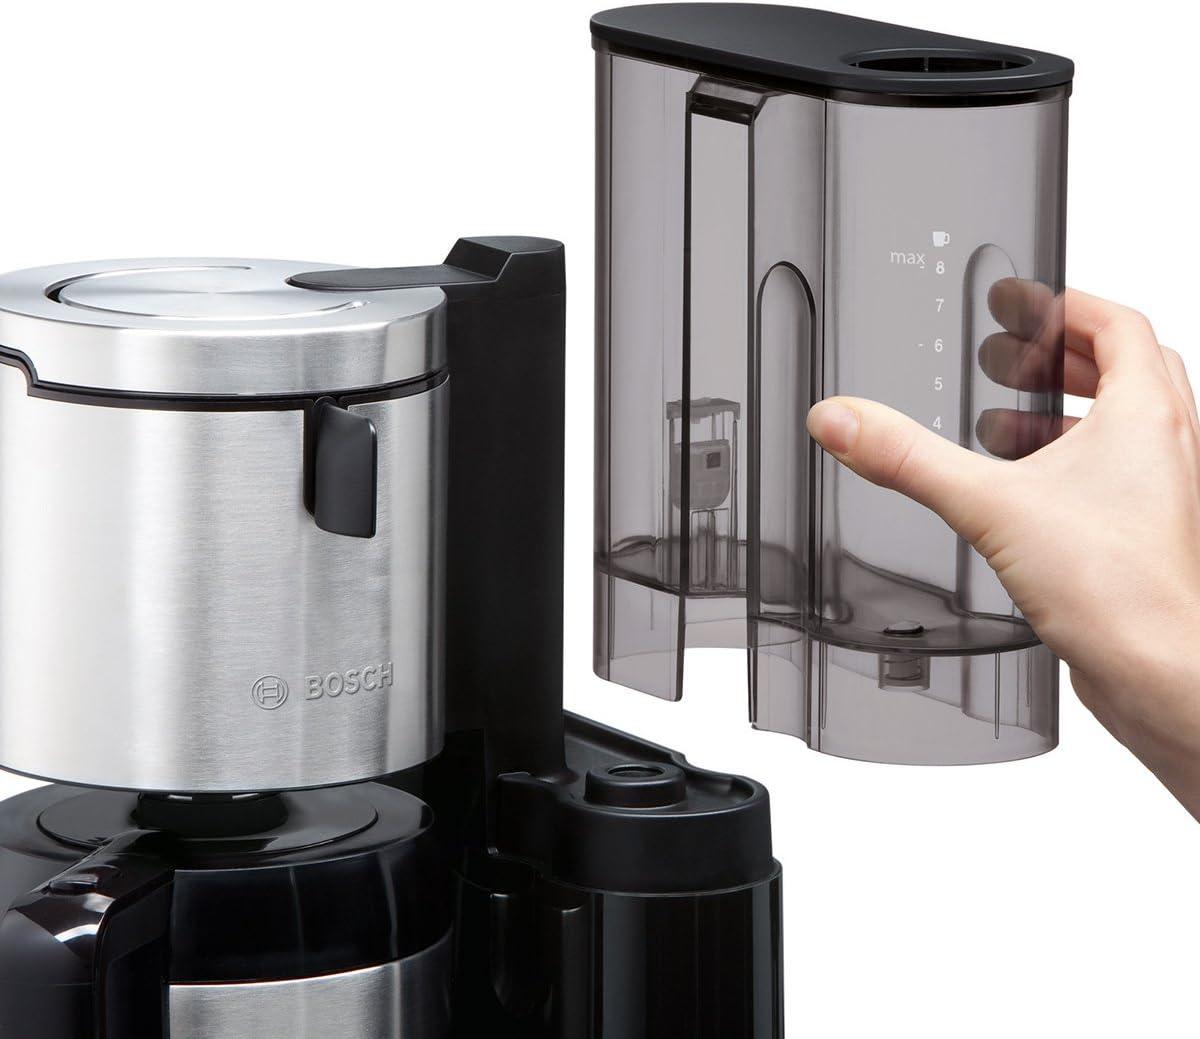 Lohnt sich eine Kaffeemaschine mit Thermoskanne und abnehmbaren Wassertank?